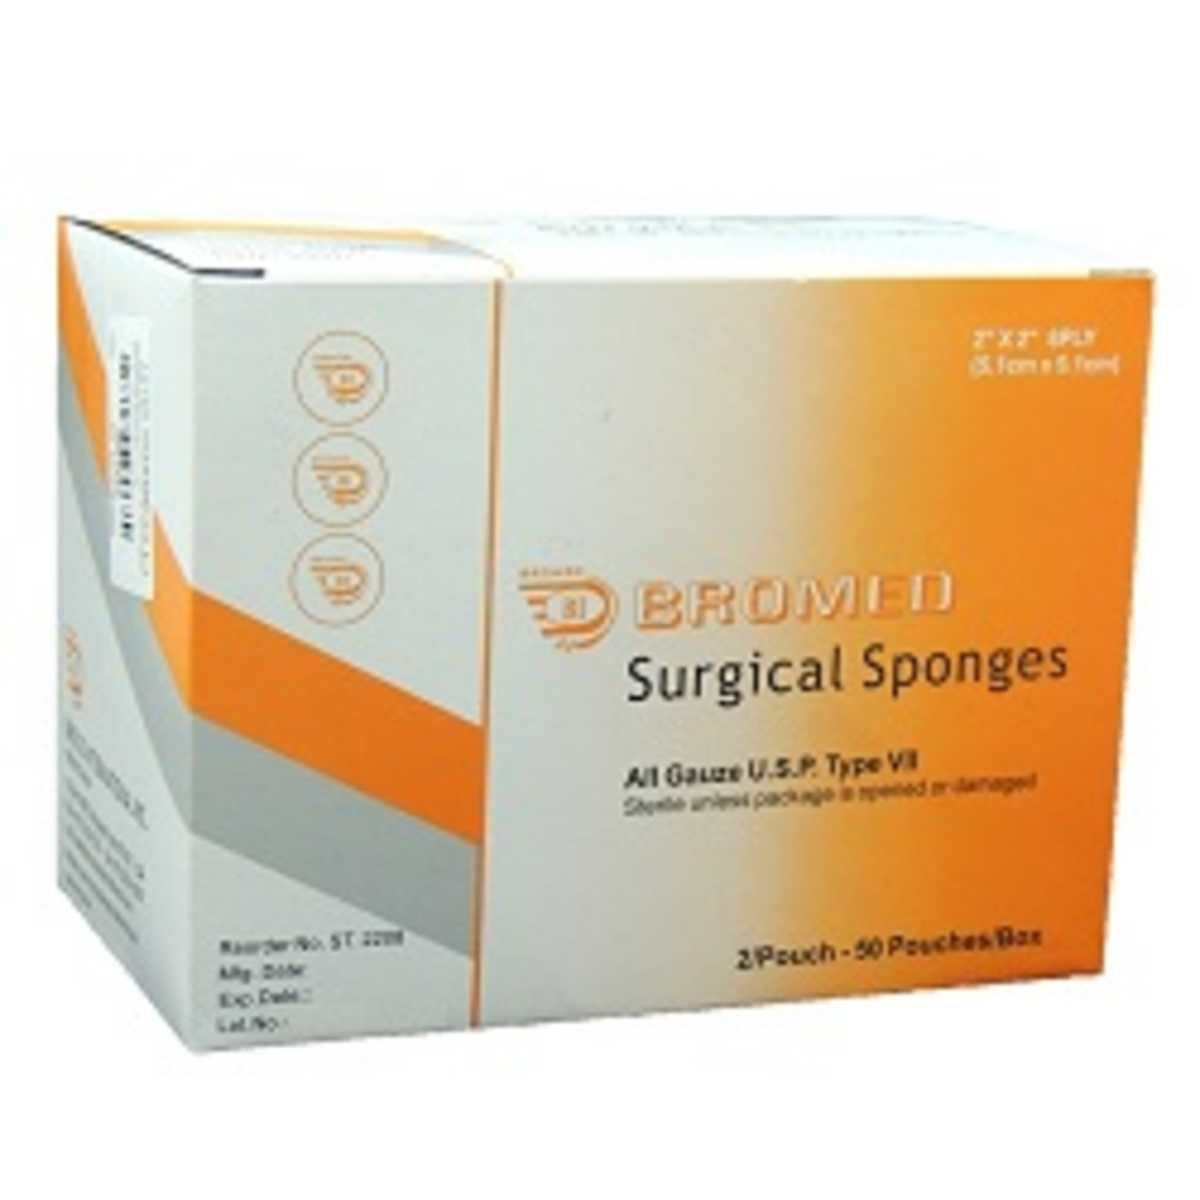 Sterile Surgical Sponges, 5.1cm x 5.1cm - 8ply